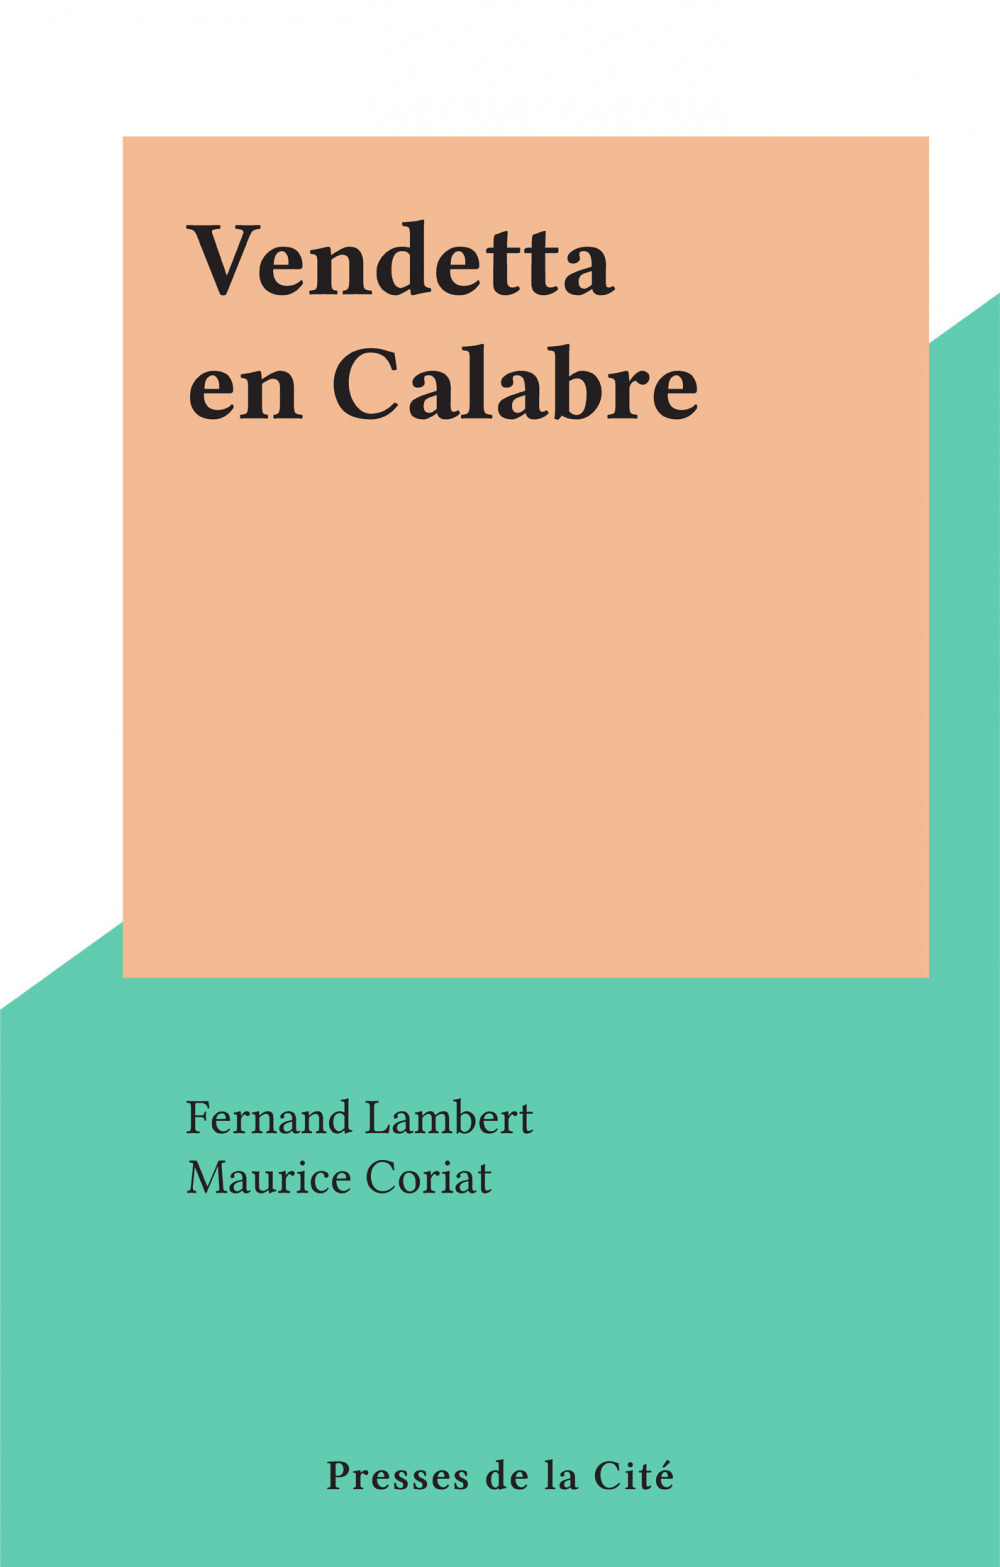 Vendetta en Calabre  - Fernand Lambert